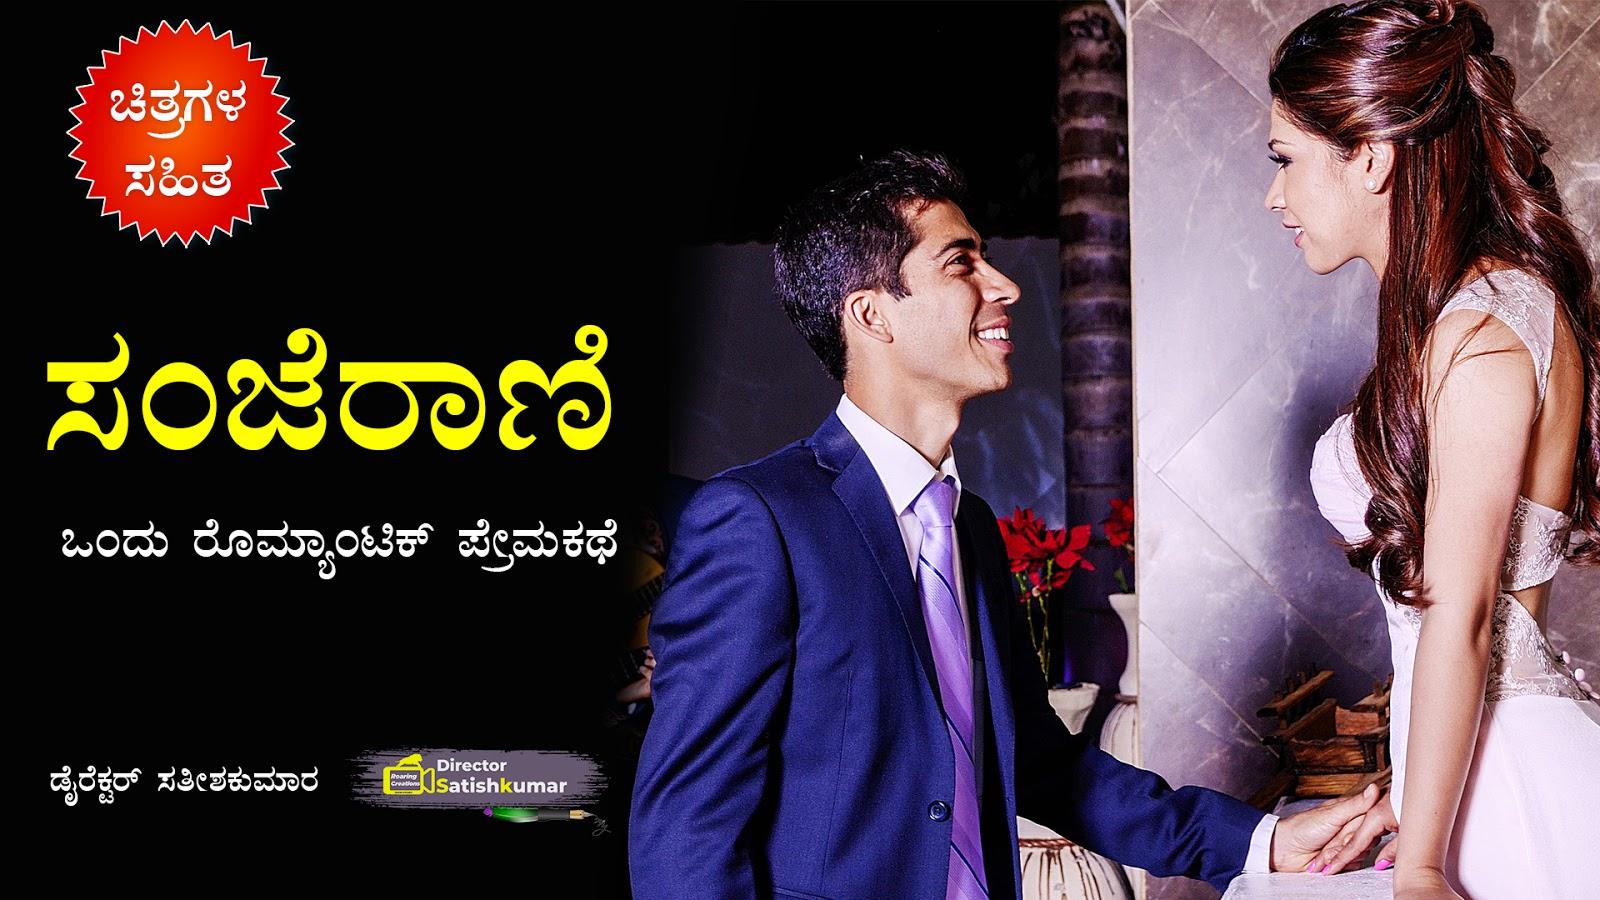 ಸಂಜೆರಾಣಿ - ಒಂದು ರೊಮ್ಯಾಂಟಿಕ್ ಪ್ರೇಮಕಥೆ - One Romantic Love Story in Kannada